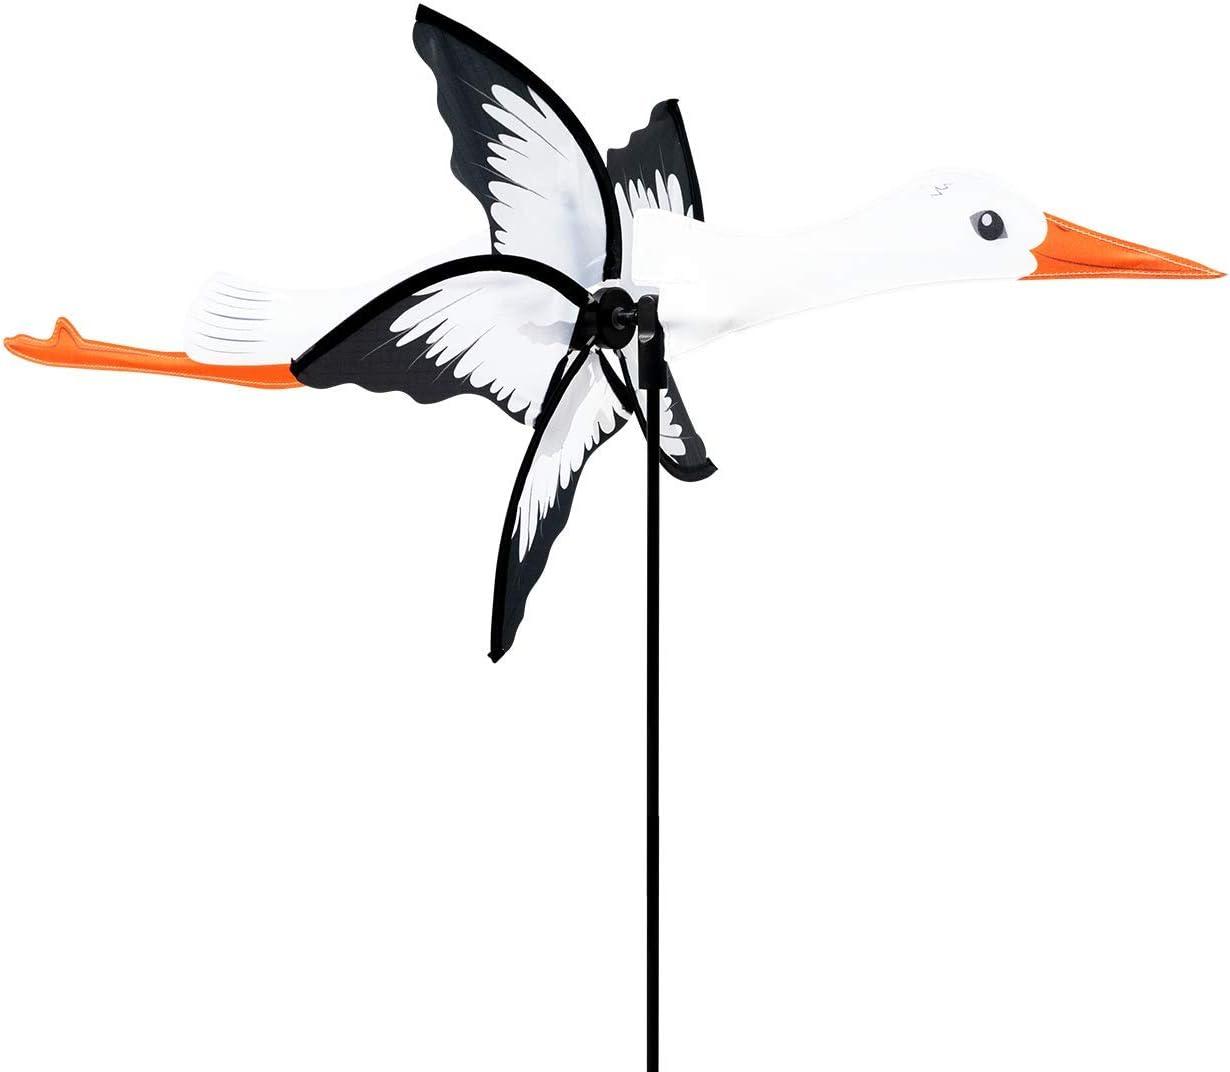 CIM Petite 2 in 1 Storch – Hélice Ø31cm, Longitud 41 cm, Altura Total 90 cm - Incluyendo Accesorios para Montar o Colgar